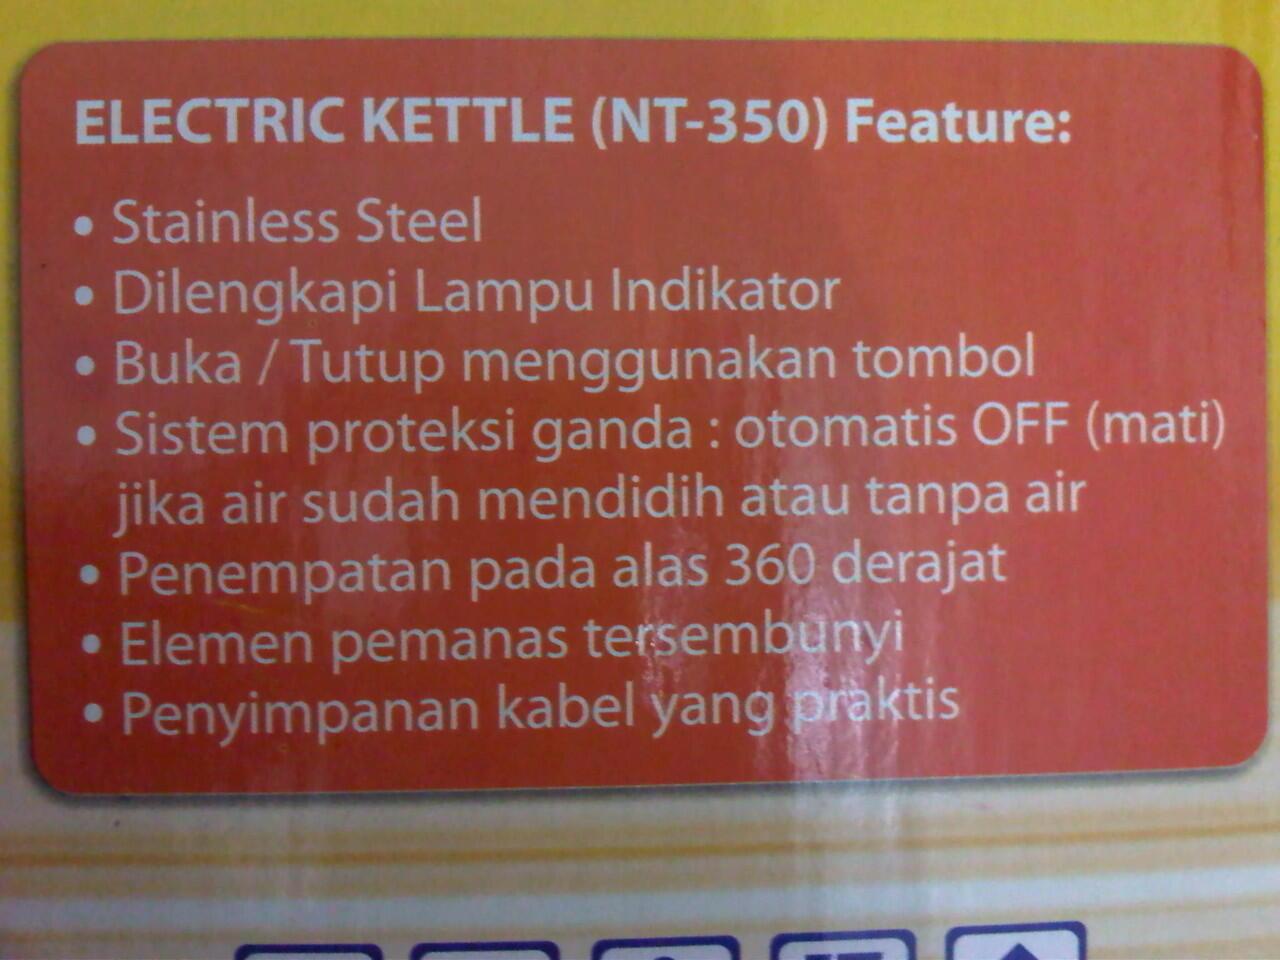 barang hadiah - nanotec nt 350 eletric kettle semarang 99rb